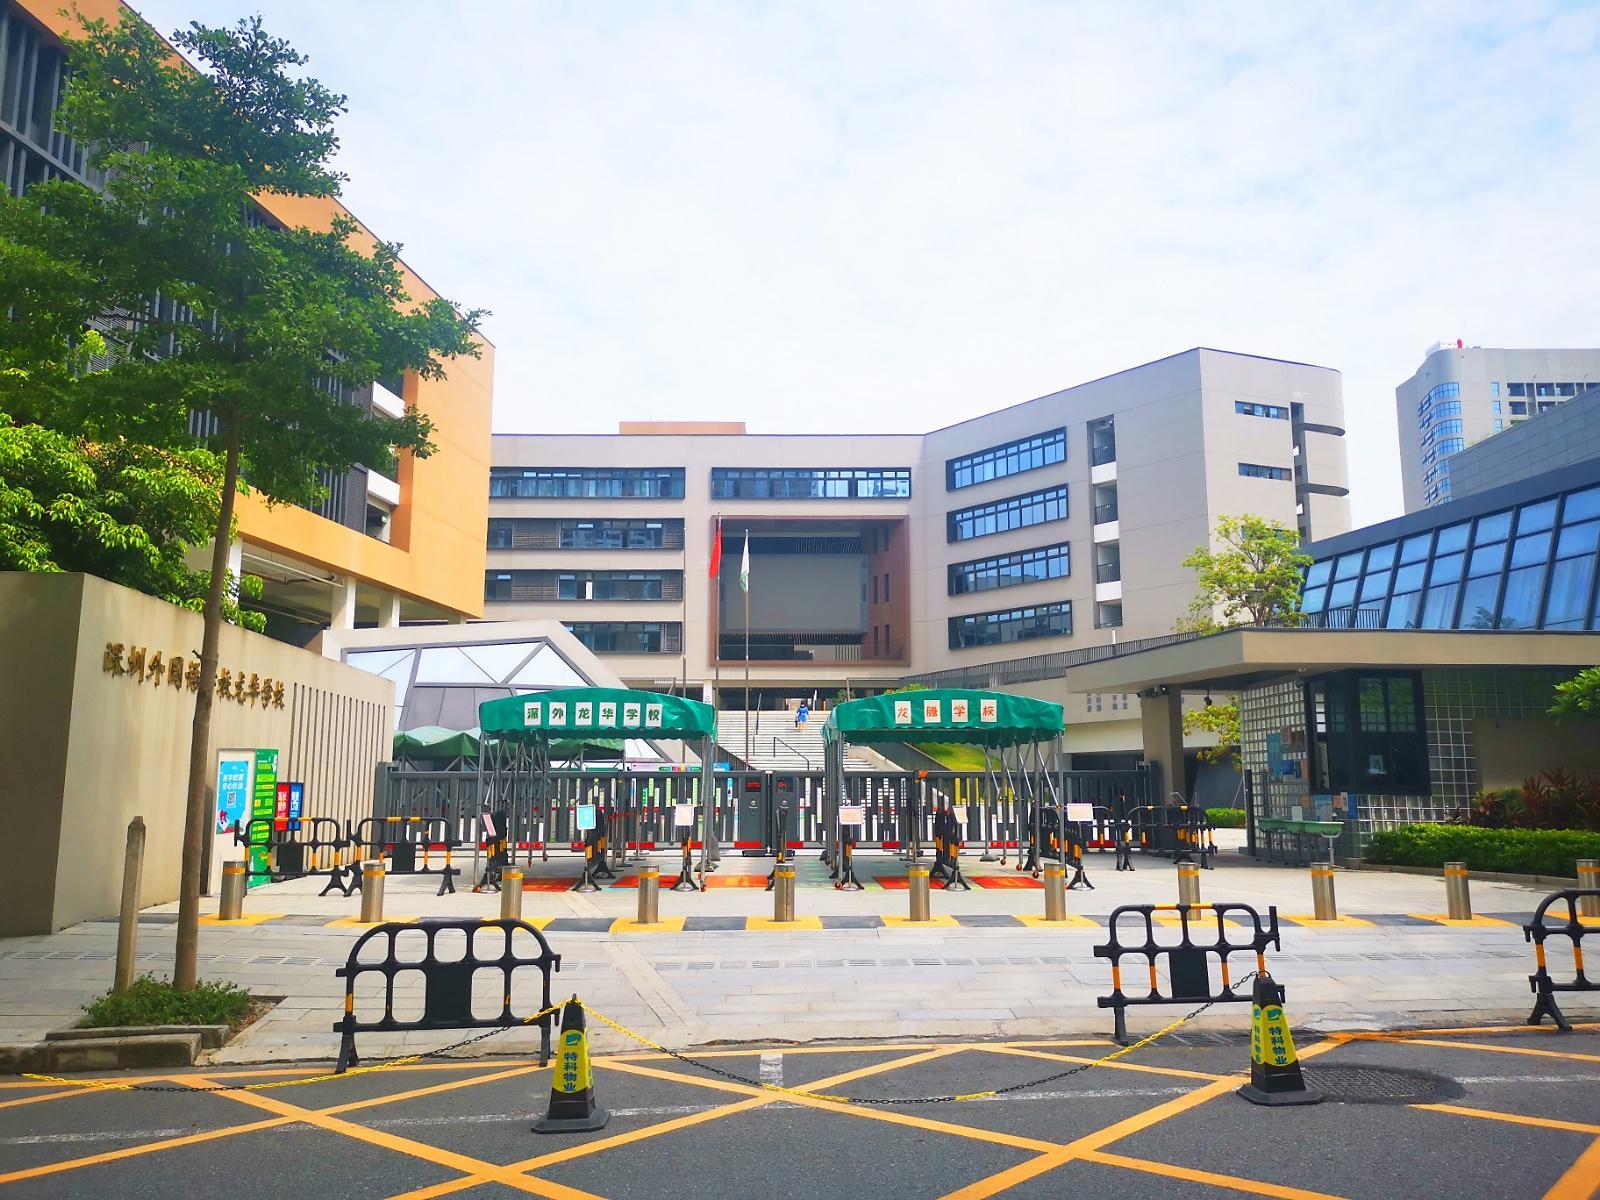 深圳市龙华新区龙腾学校(小学部)5